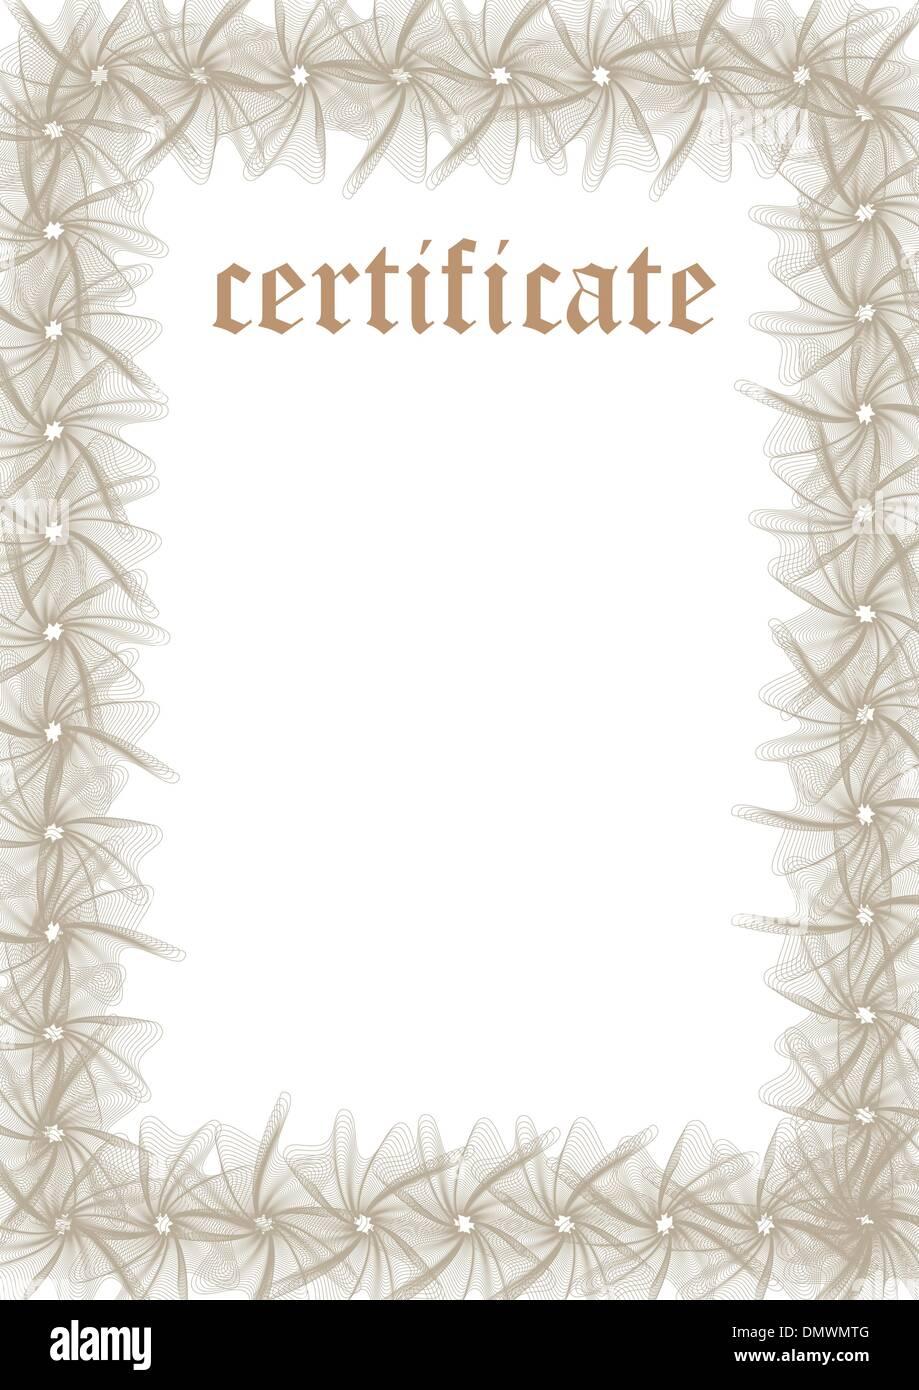 Großartig Teilen Zertifikatvorlage Ideen - Bilder für das Lebenslauf ...